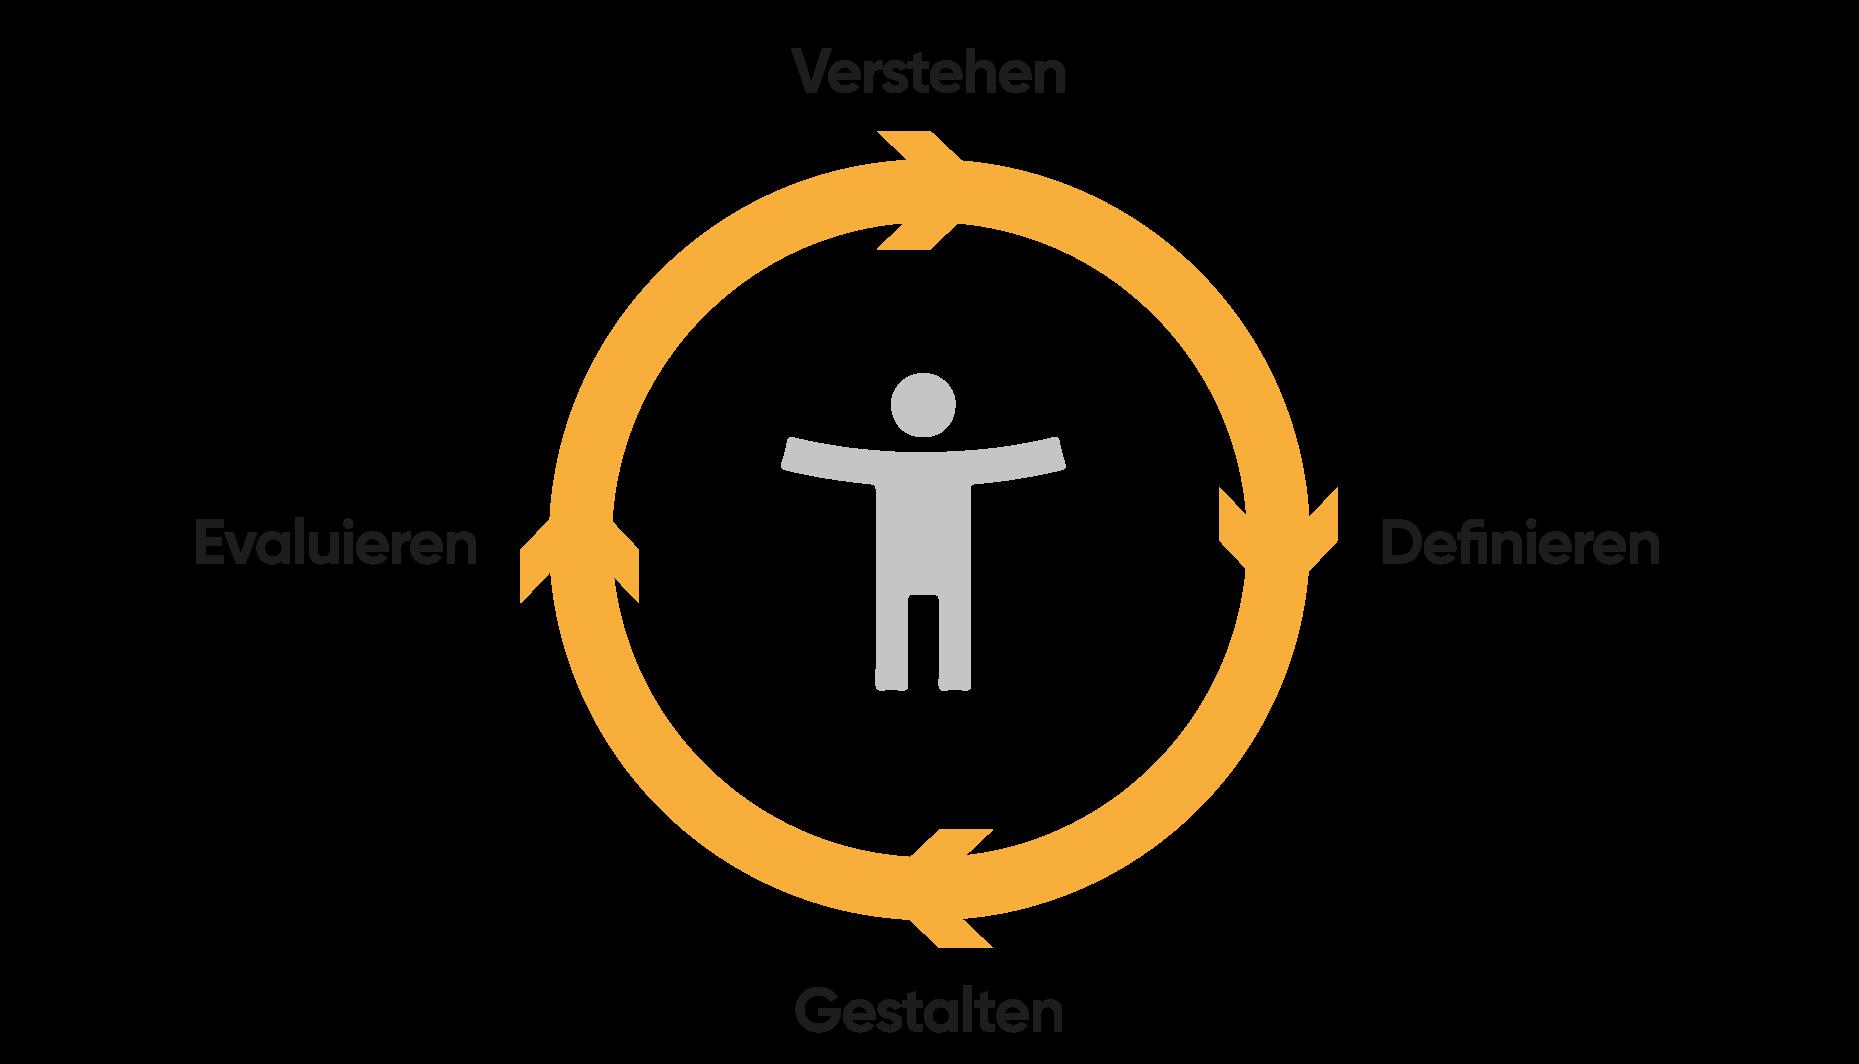 verstehen-definieren-gestalten-evaluieren